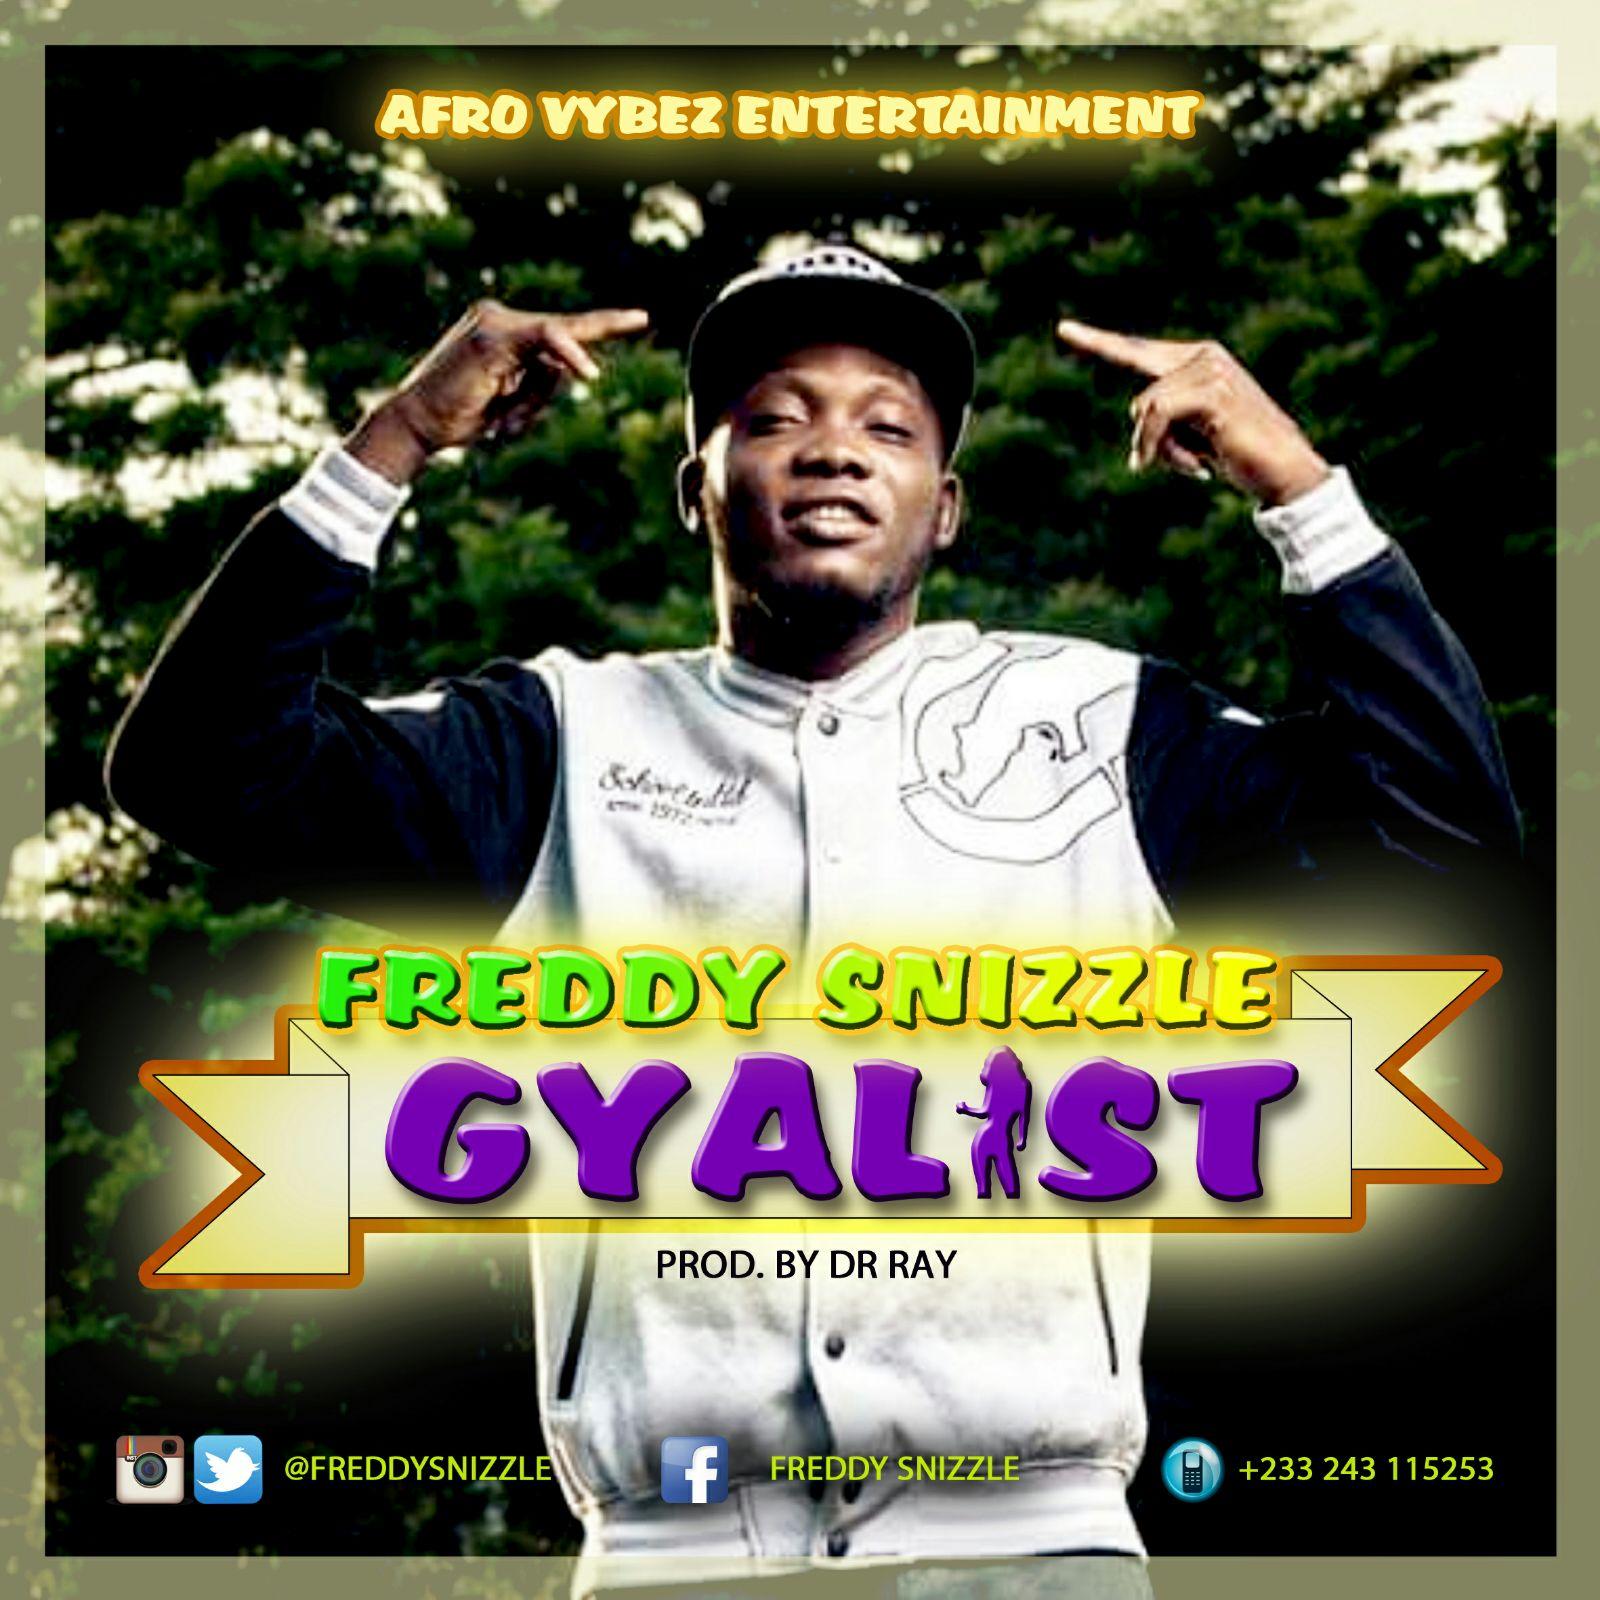 GYALIST ~ Freddy Snizzle